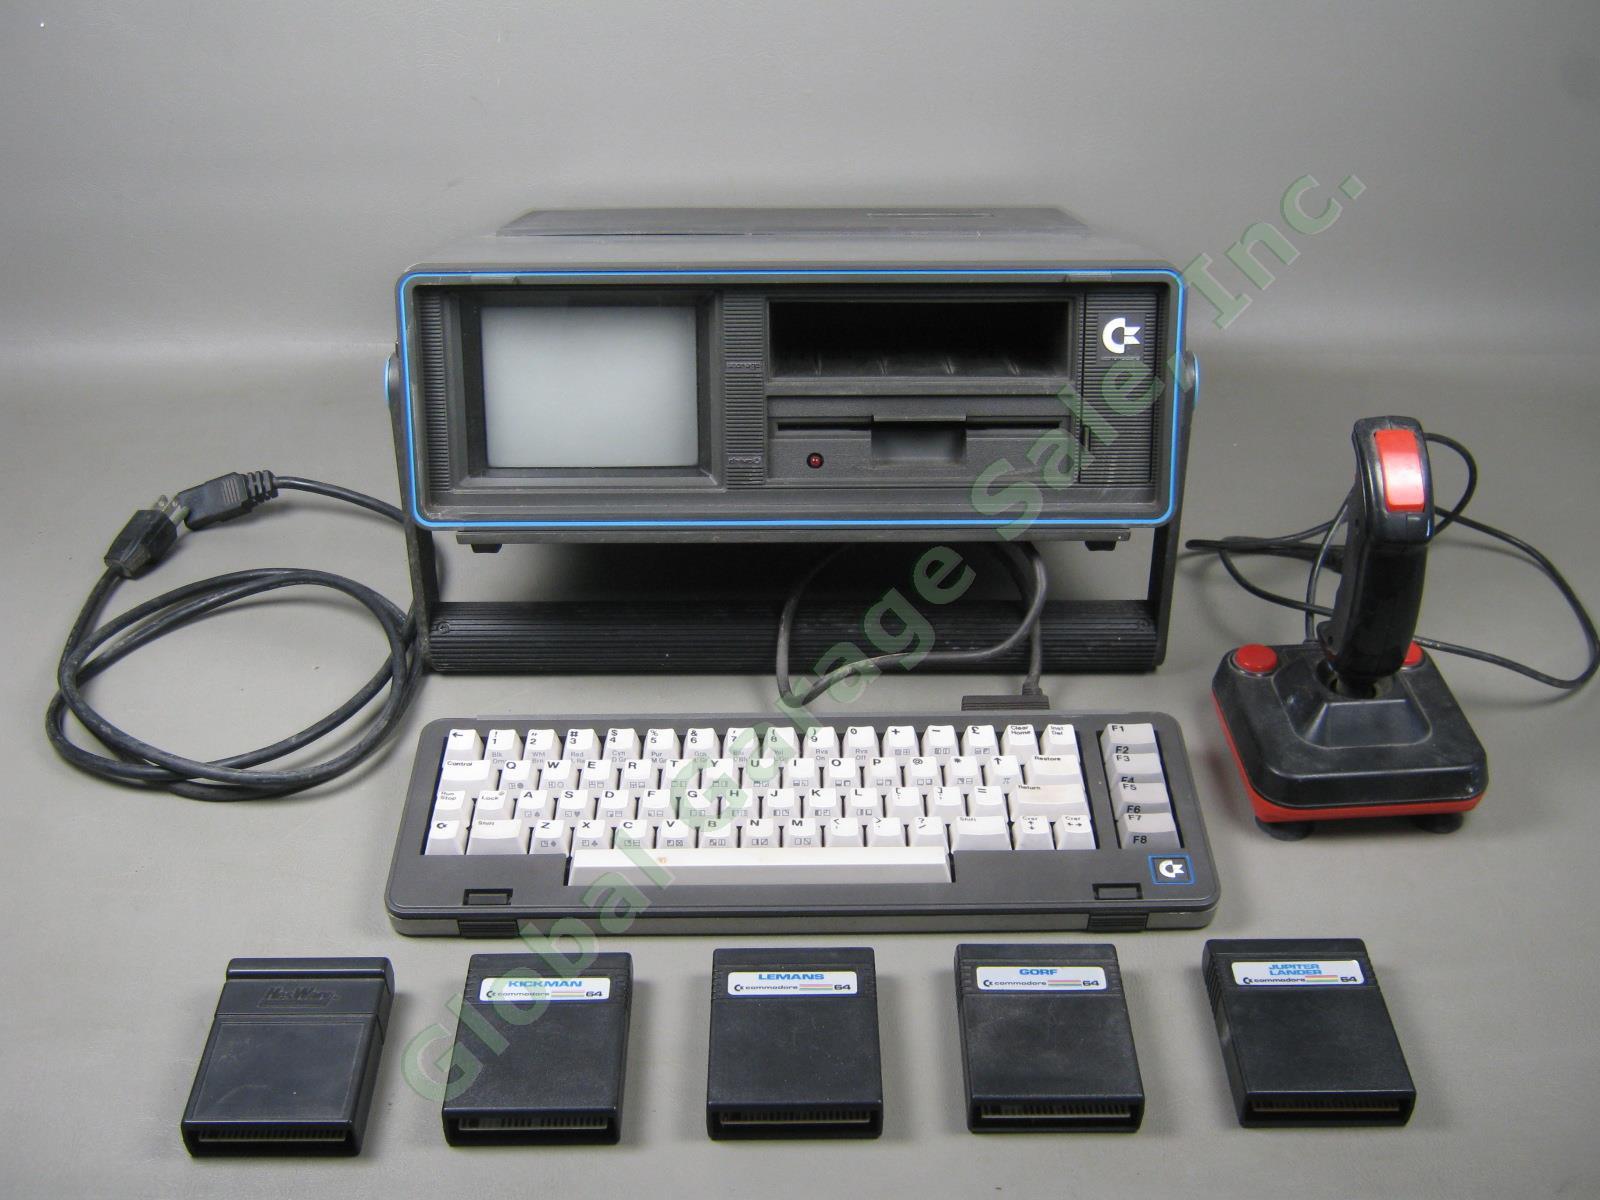 Vtg 1984 Commodore Sx 64 Executive Portable Computer 5